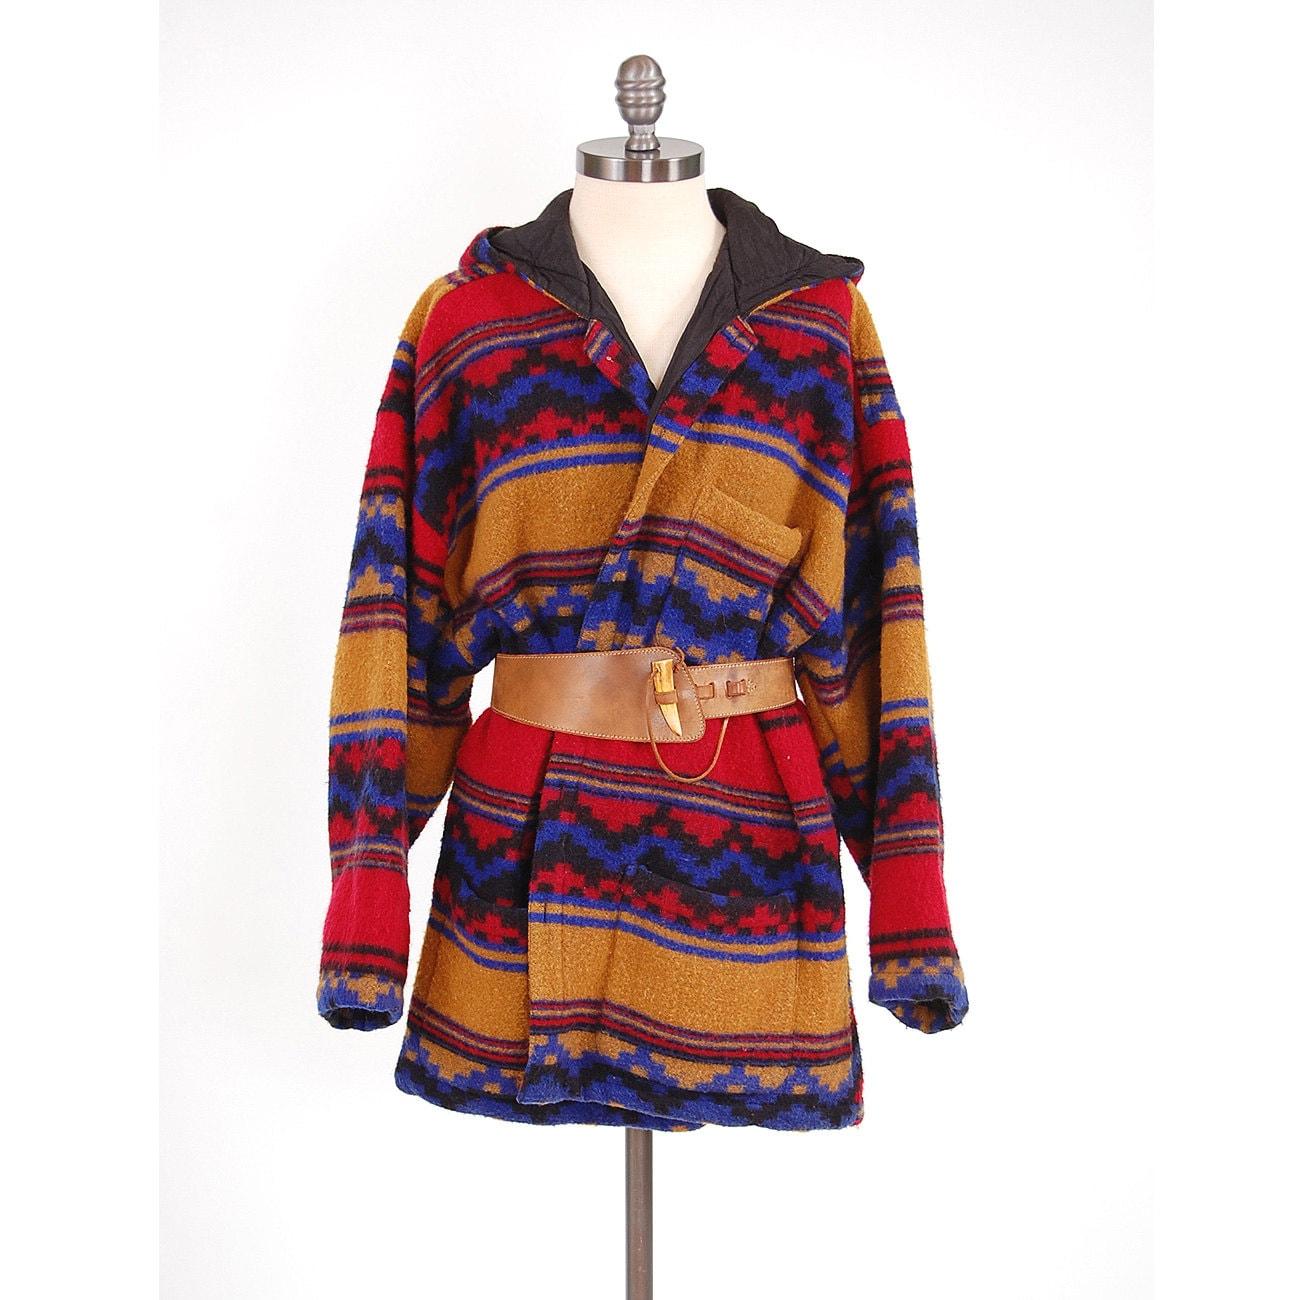 Vintage 80s Southwestern Blanket Coat / By Digvintageclothing